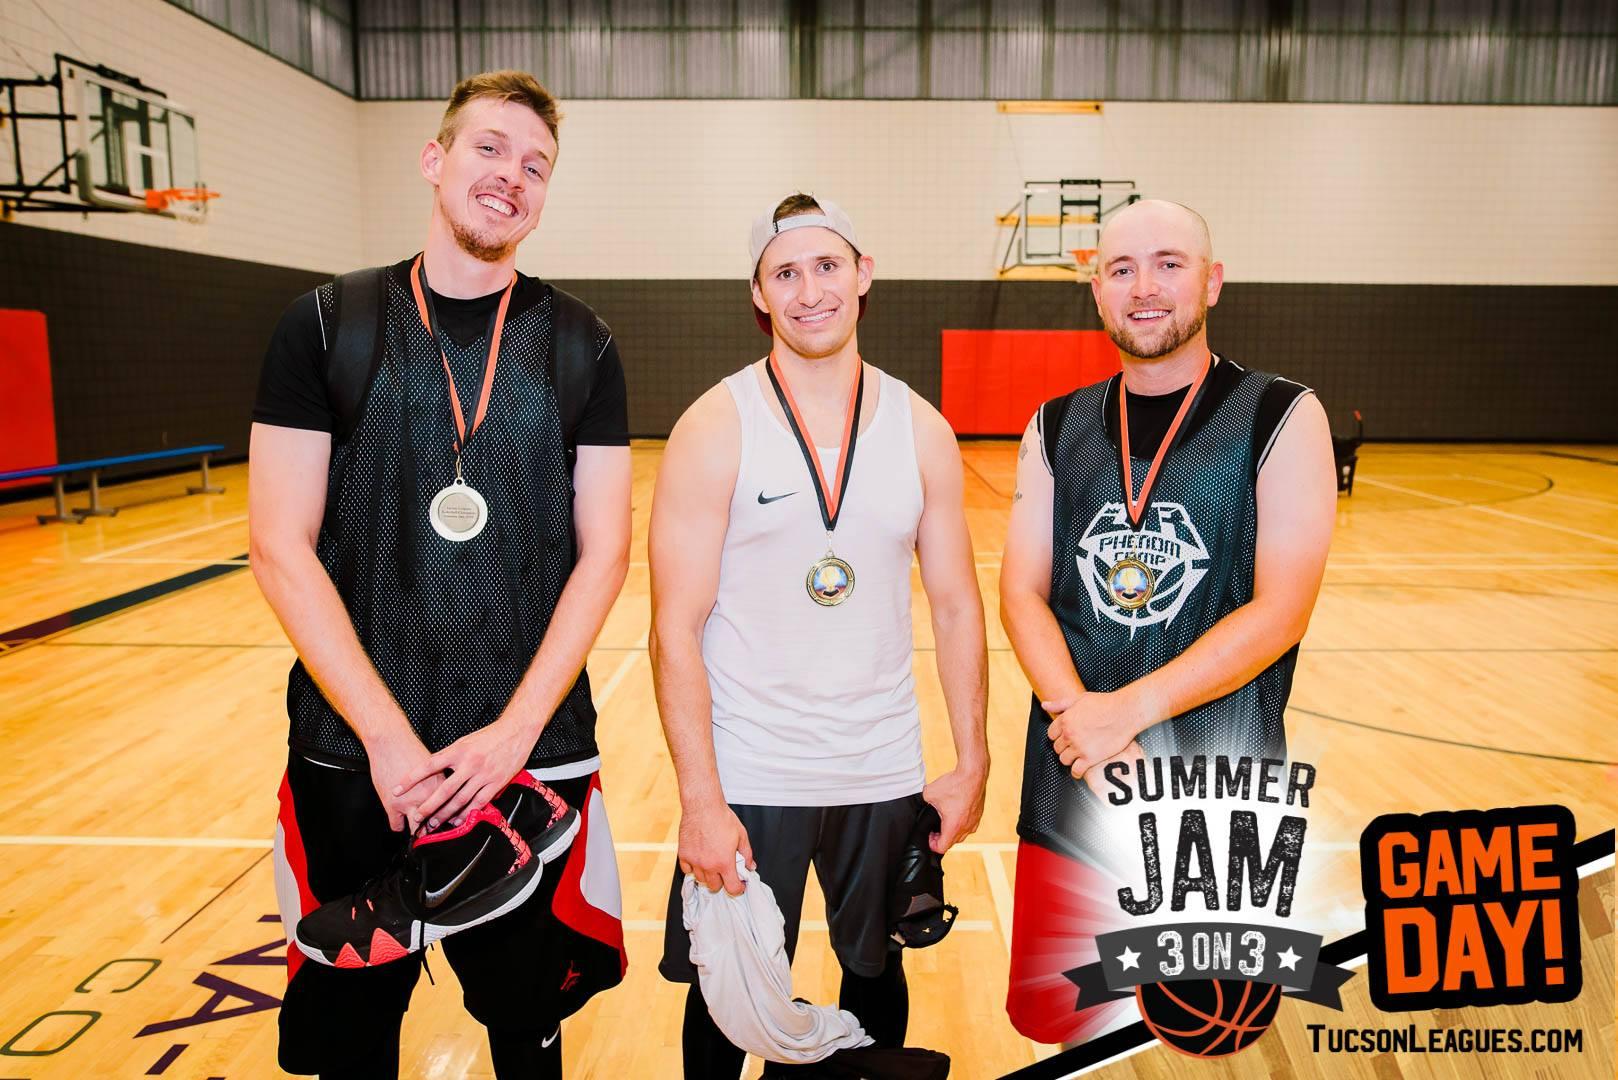 Jun 16th Summer Jam 3 on 3 Men's Basketball Tournament - D1 Champions